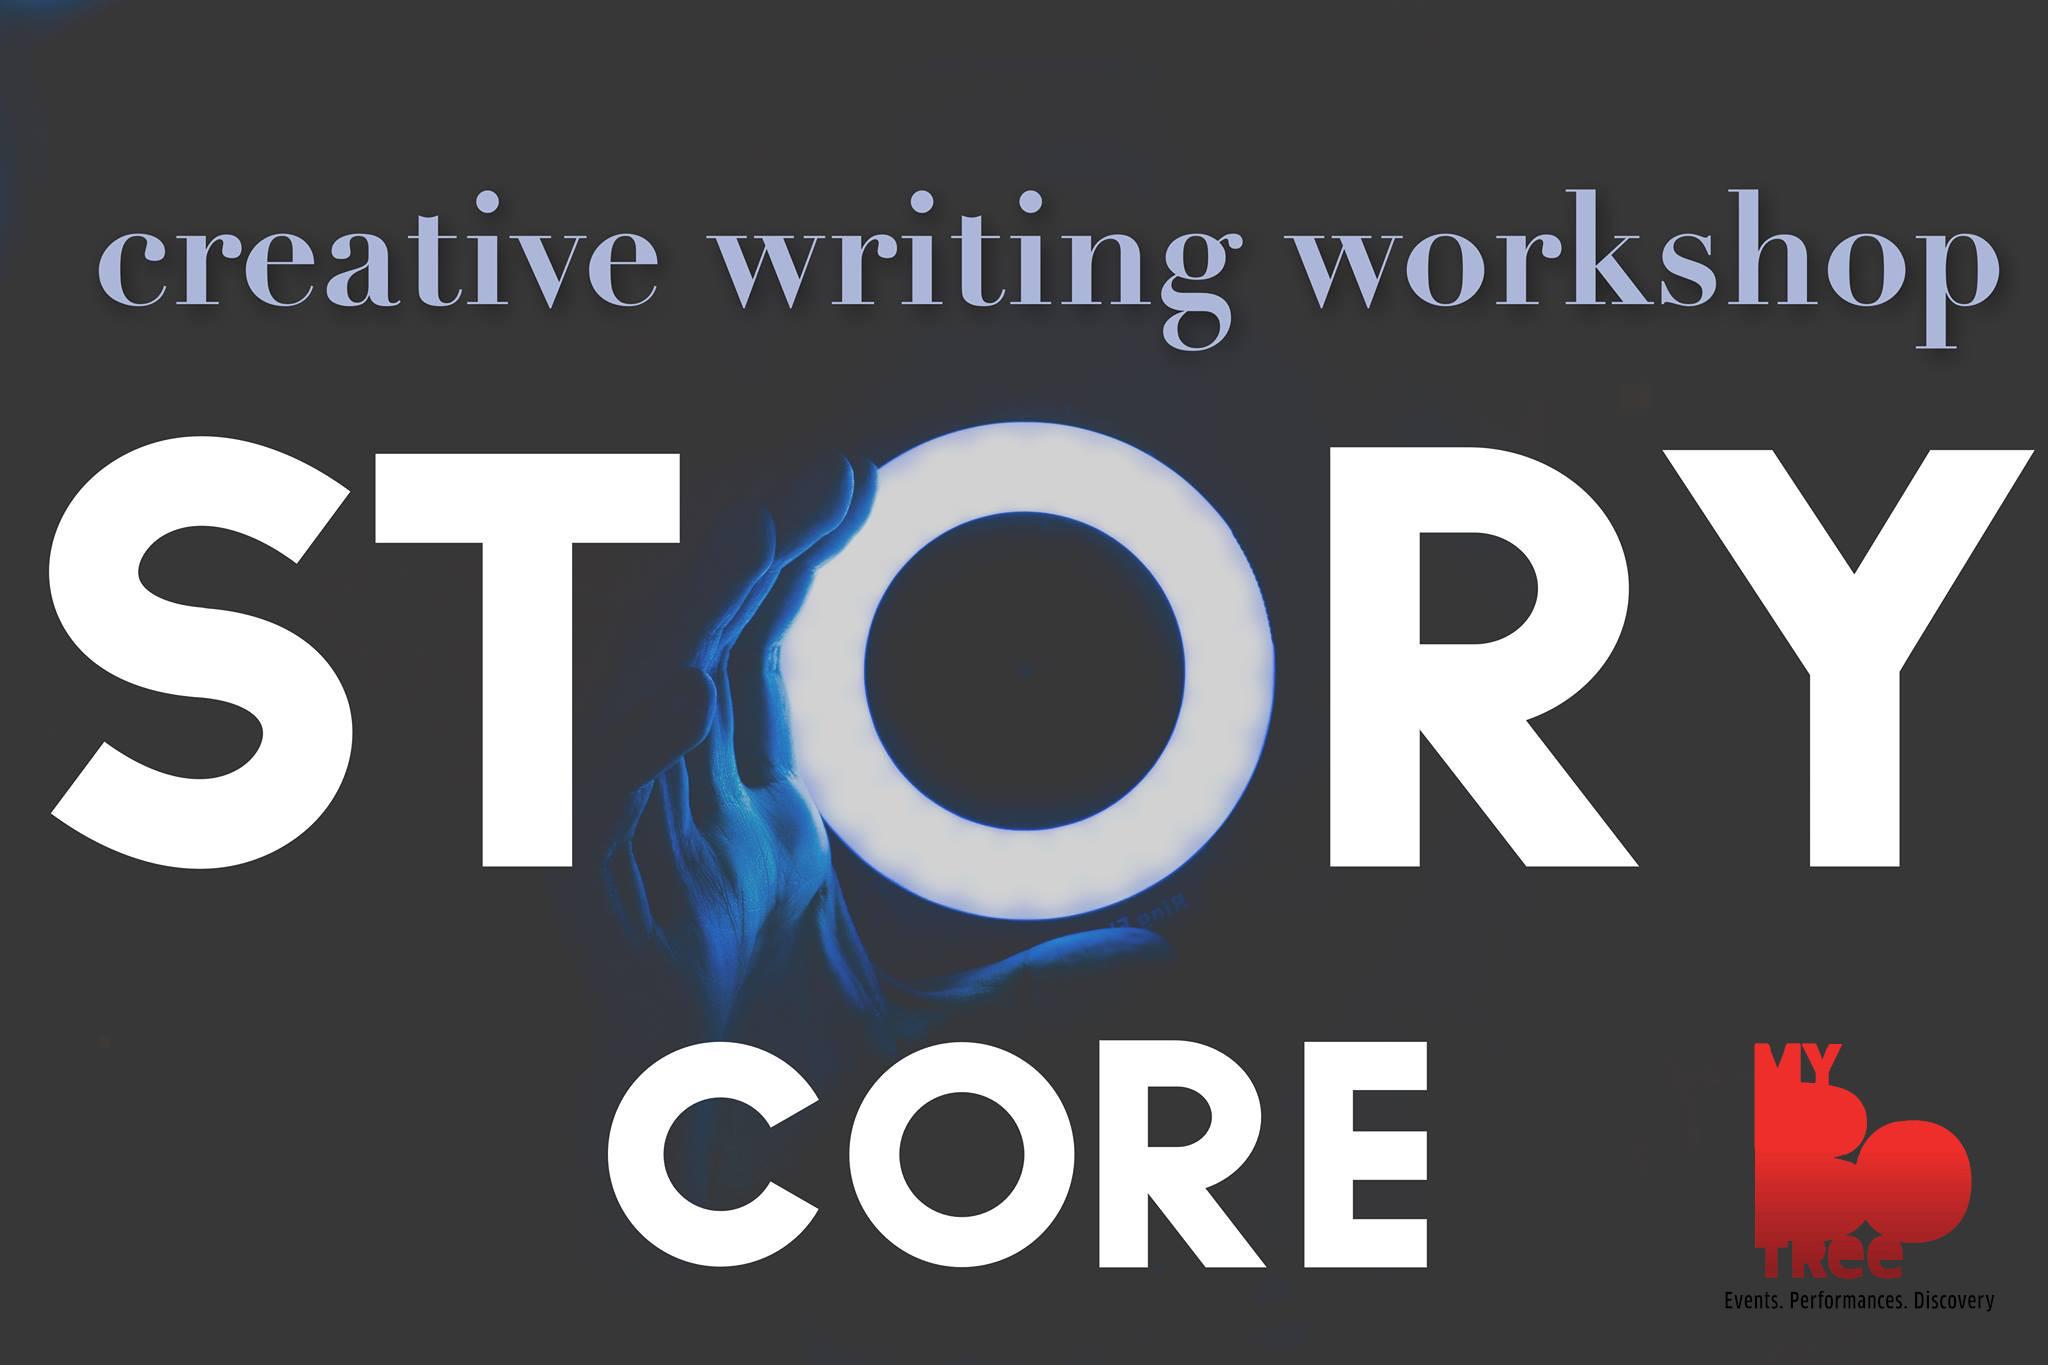 Story Core